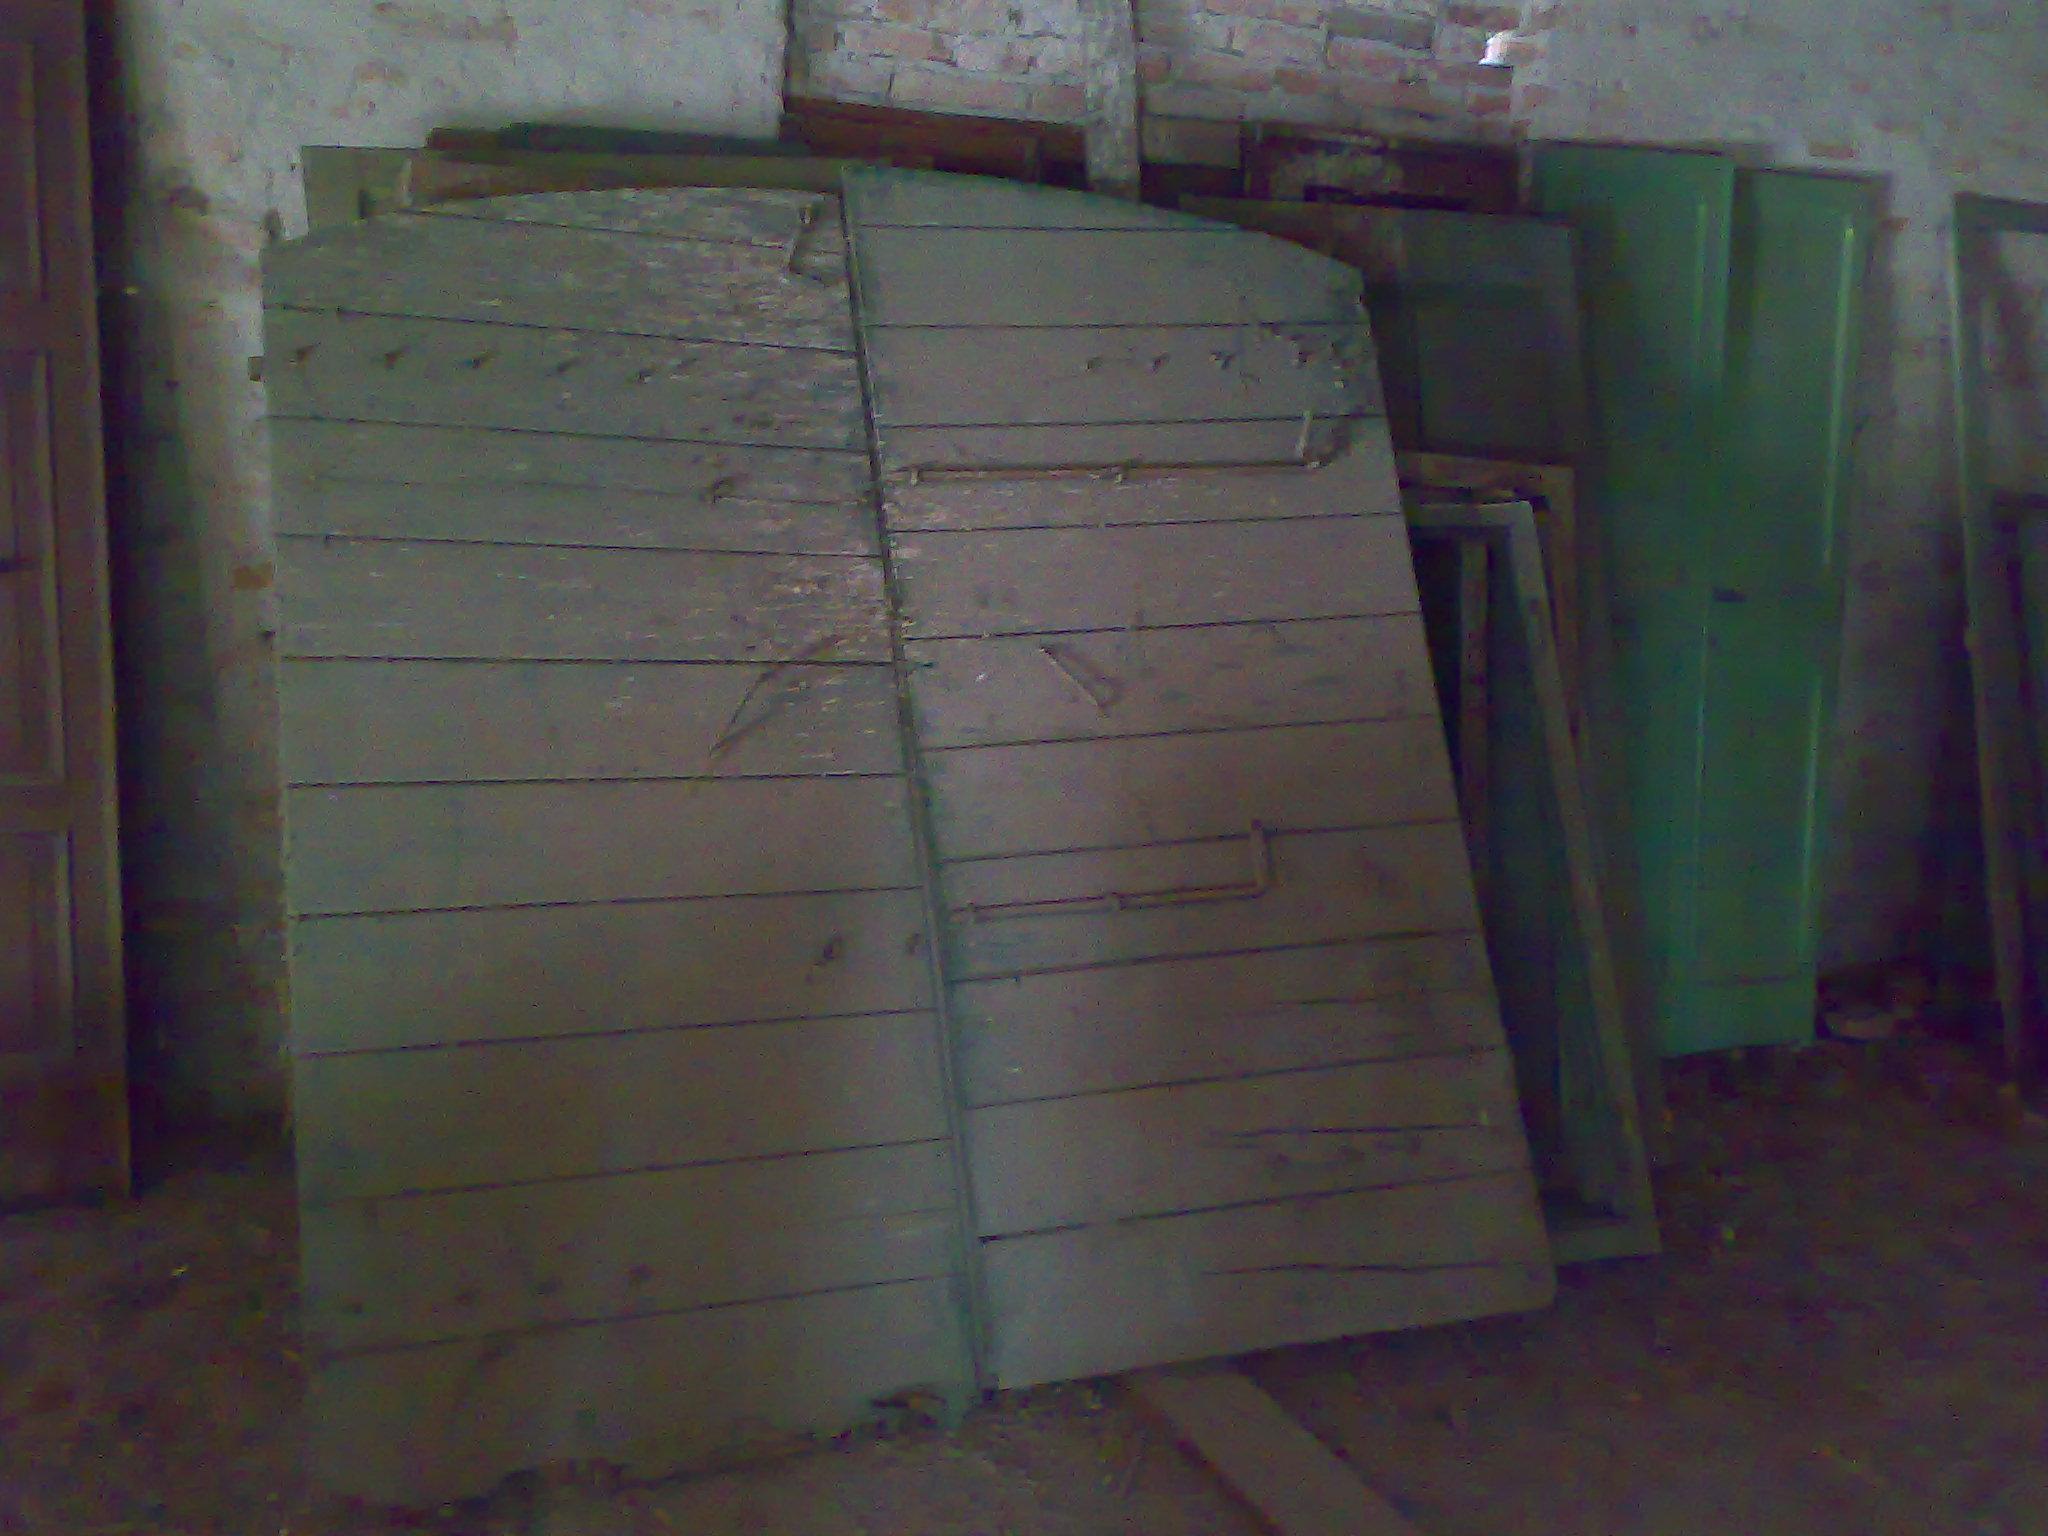 Porte e portoni in legno vecchio e antico da restaurare - Recupero ...